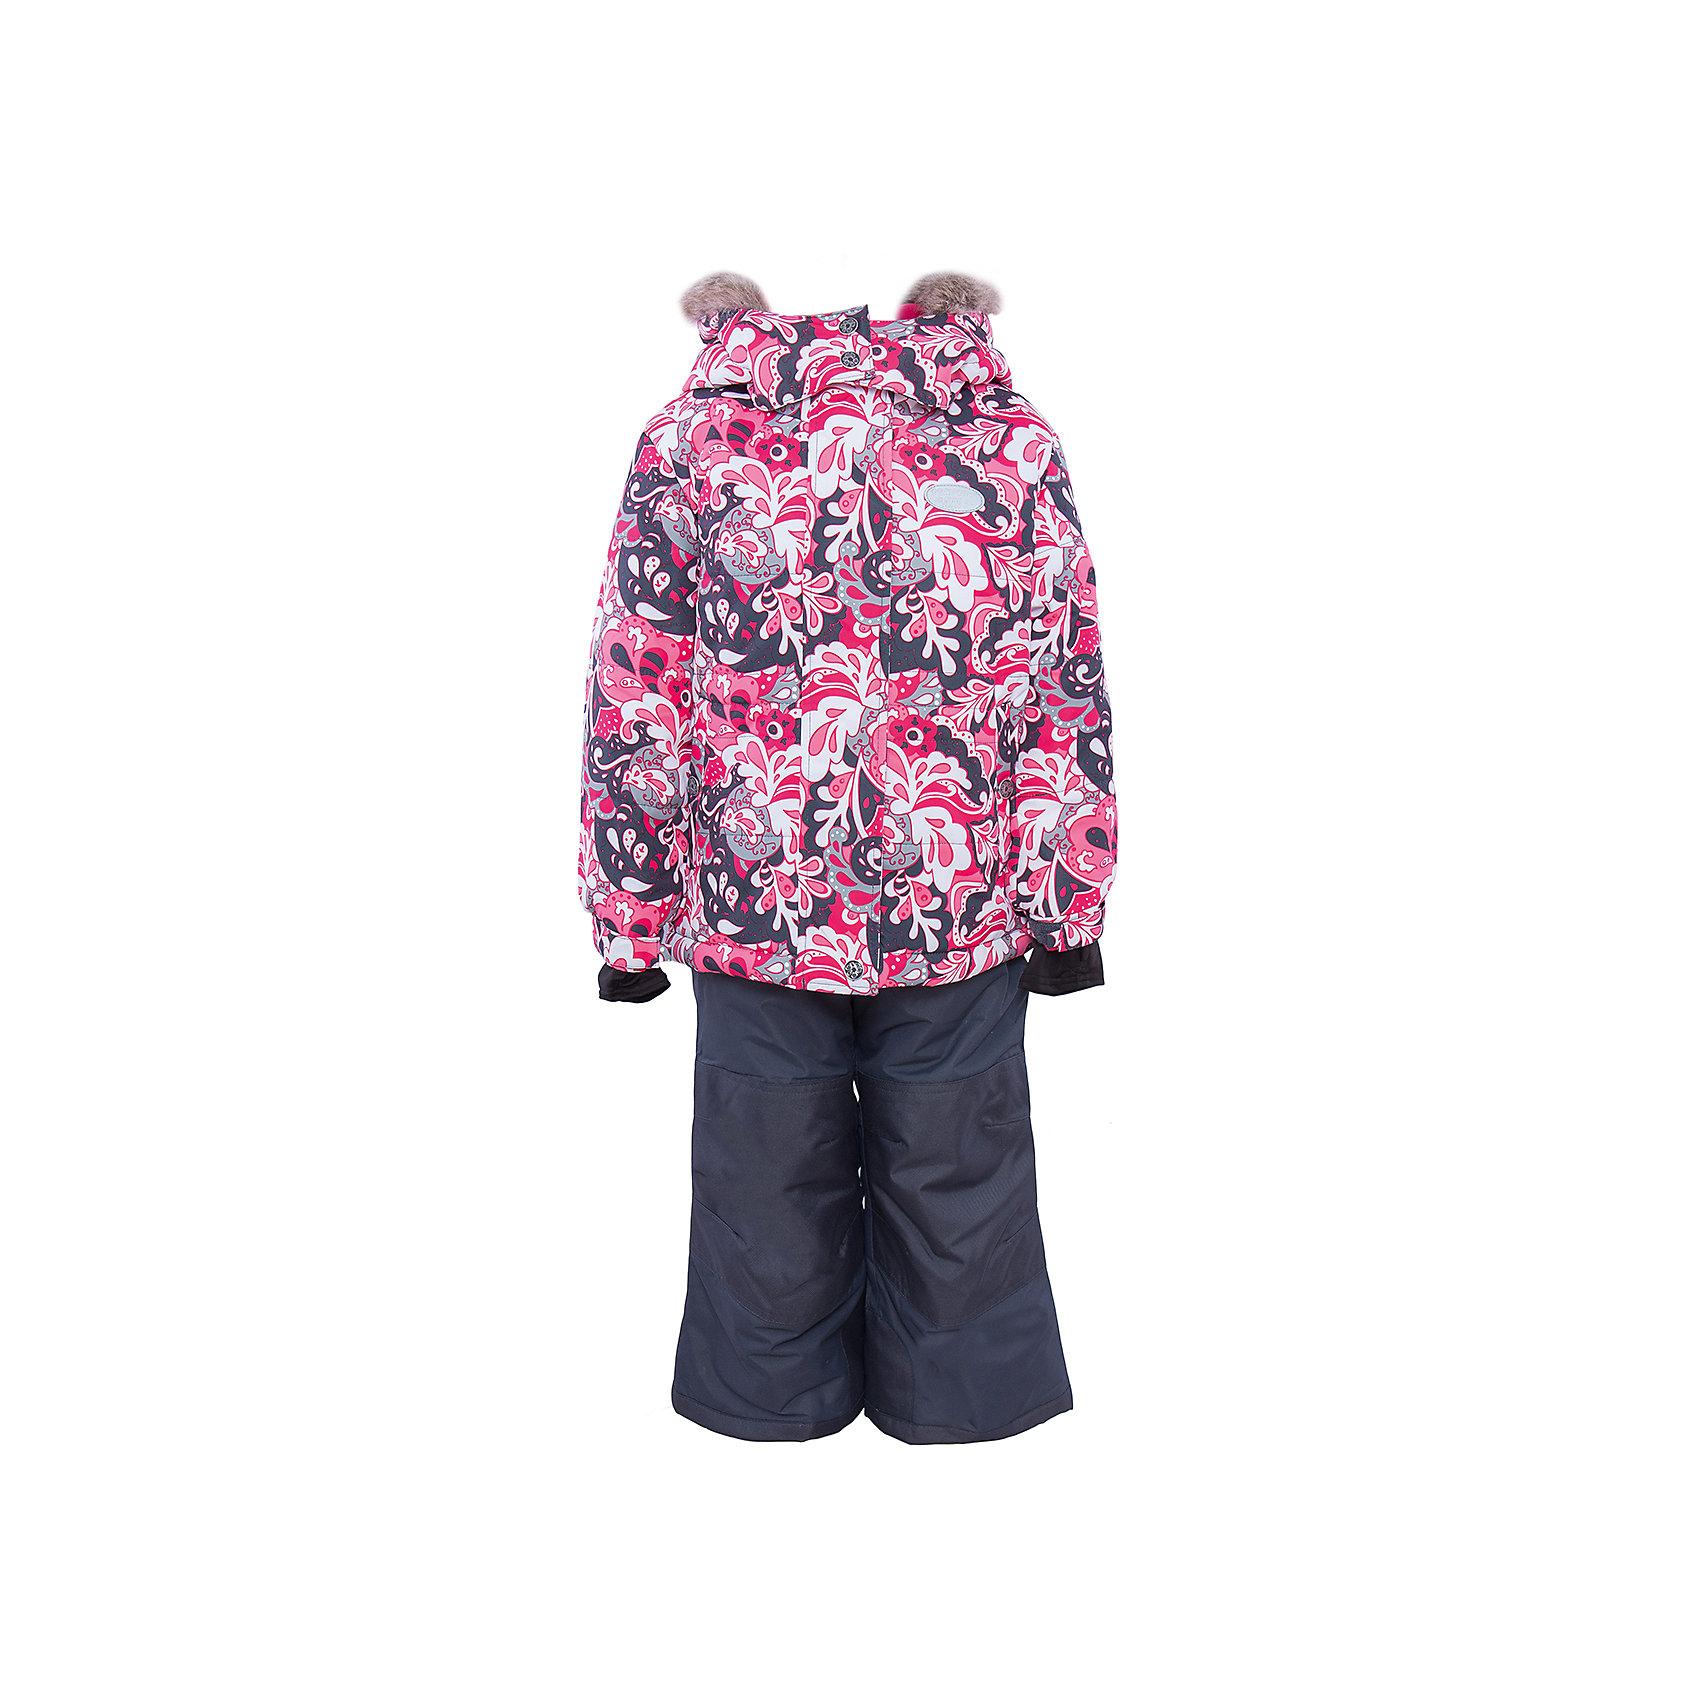 Комплект: куртка и брюки для девочки PremontВерхняя одежда<br>Комплект: куртка и брюки для девочки от известного бренда Premont.<br>Один из самых популярных восточных орнаментов основан на базовом элементе в форме капли или «огурца» - носит название «Пейсли». Название это онполучил благодаря одноименному Шотландскому городку, где и сосредоточилось основное производство тканей. «Пейсли» ежегодно вдохновляет дизайнеров всего мира на создание новых орнаментов, и команда Premont – не исключение.<br>Состав:<br>Ткань верха: мембрана 5000мм/5000г/м2/24h, Taslan<br>Подклад: Polarfleece (тело, капюшон, манжеты), Taffeta (брюки, рукава, снежная юбка) Утеплитель: Tech-polyfill (куртка 280г, брюки 180г)<br><br>Ширина мм: 356<br>Глубина мм: 10<br>Высота мм: 245<br>Вес г: 519<br>Цвет: красный<br>Возраст от месяцев: 36<br>Возраст до месяцев: 36<br>Пол: Женский<br>Возраст: Детский<br>Размер: 100,128,98,104,110,116,120,122<br>SKU: 4996764